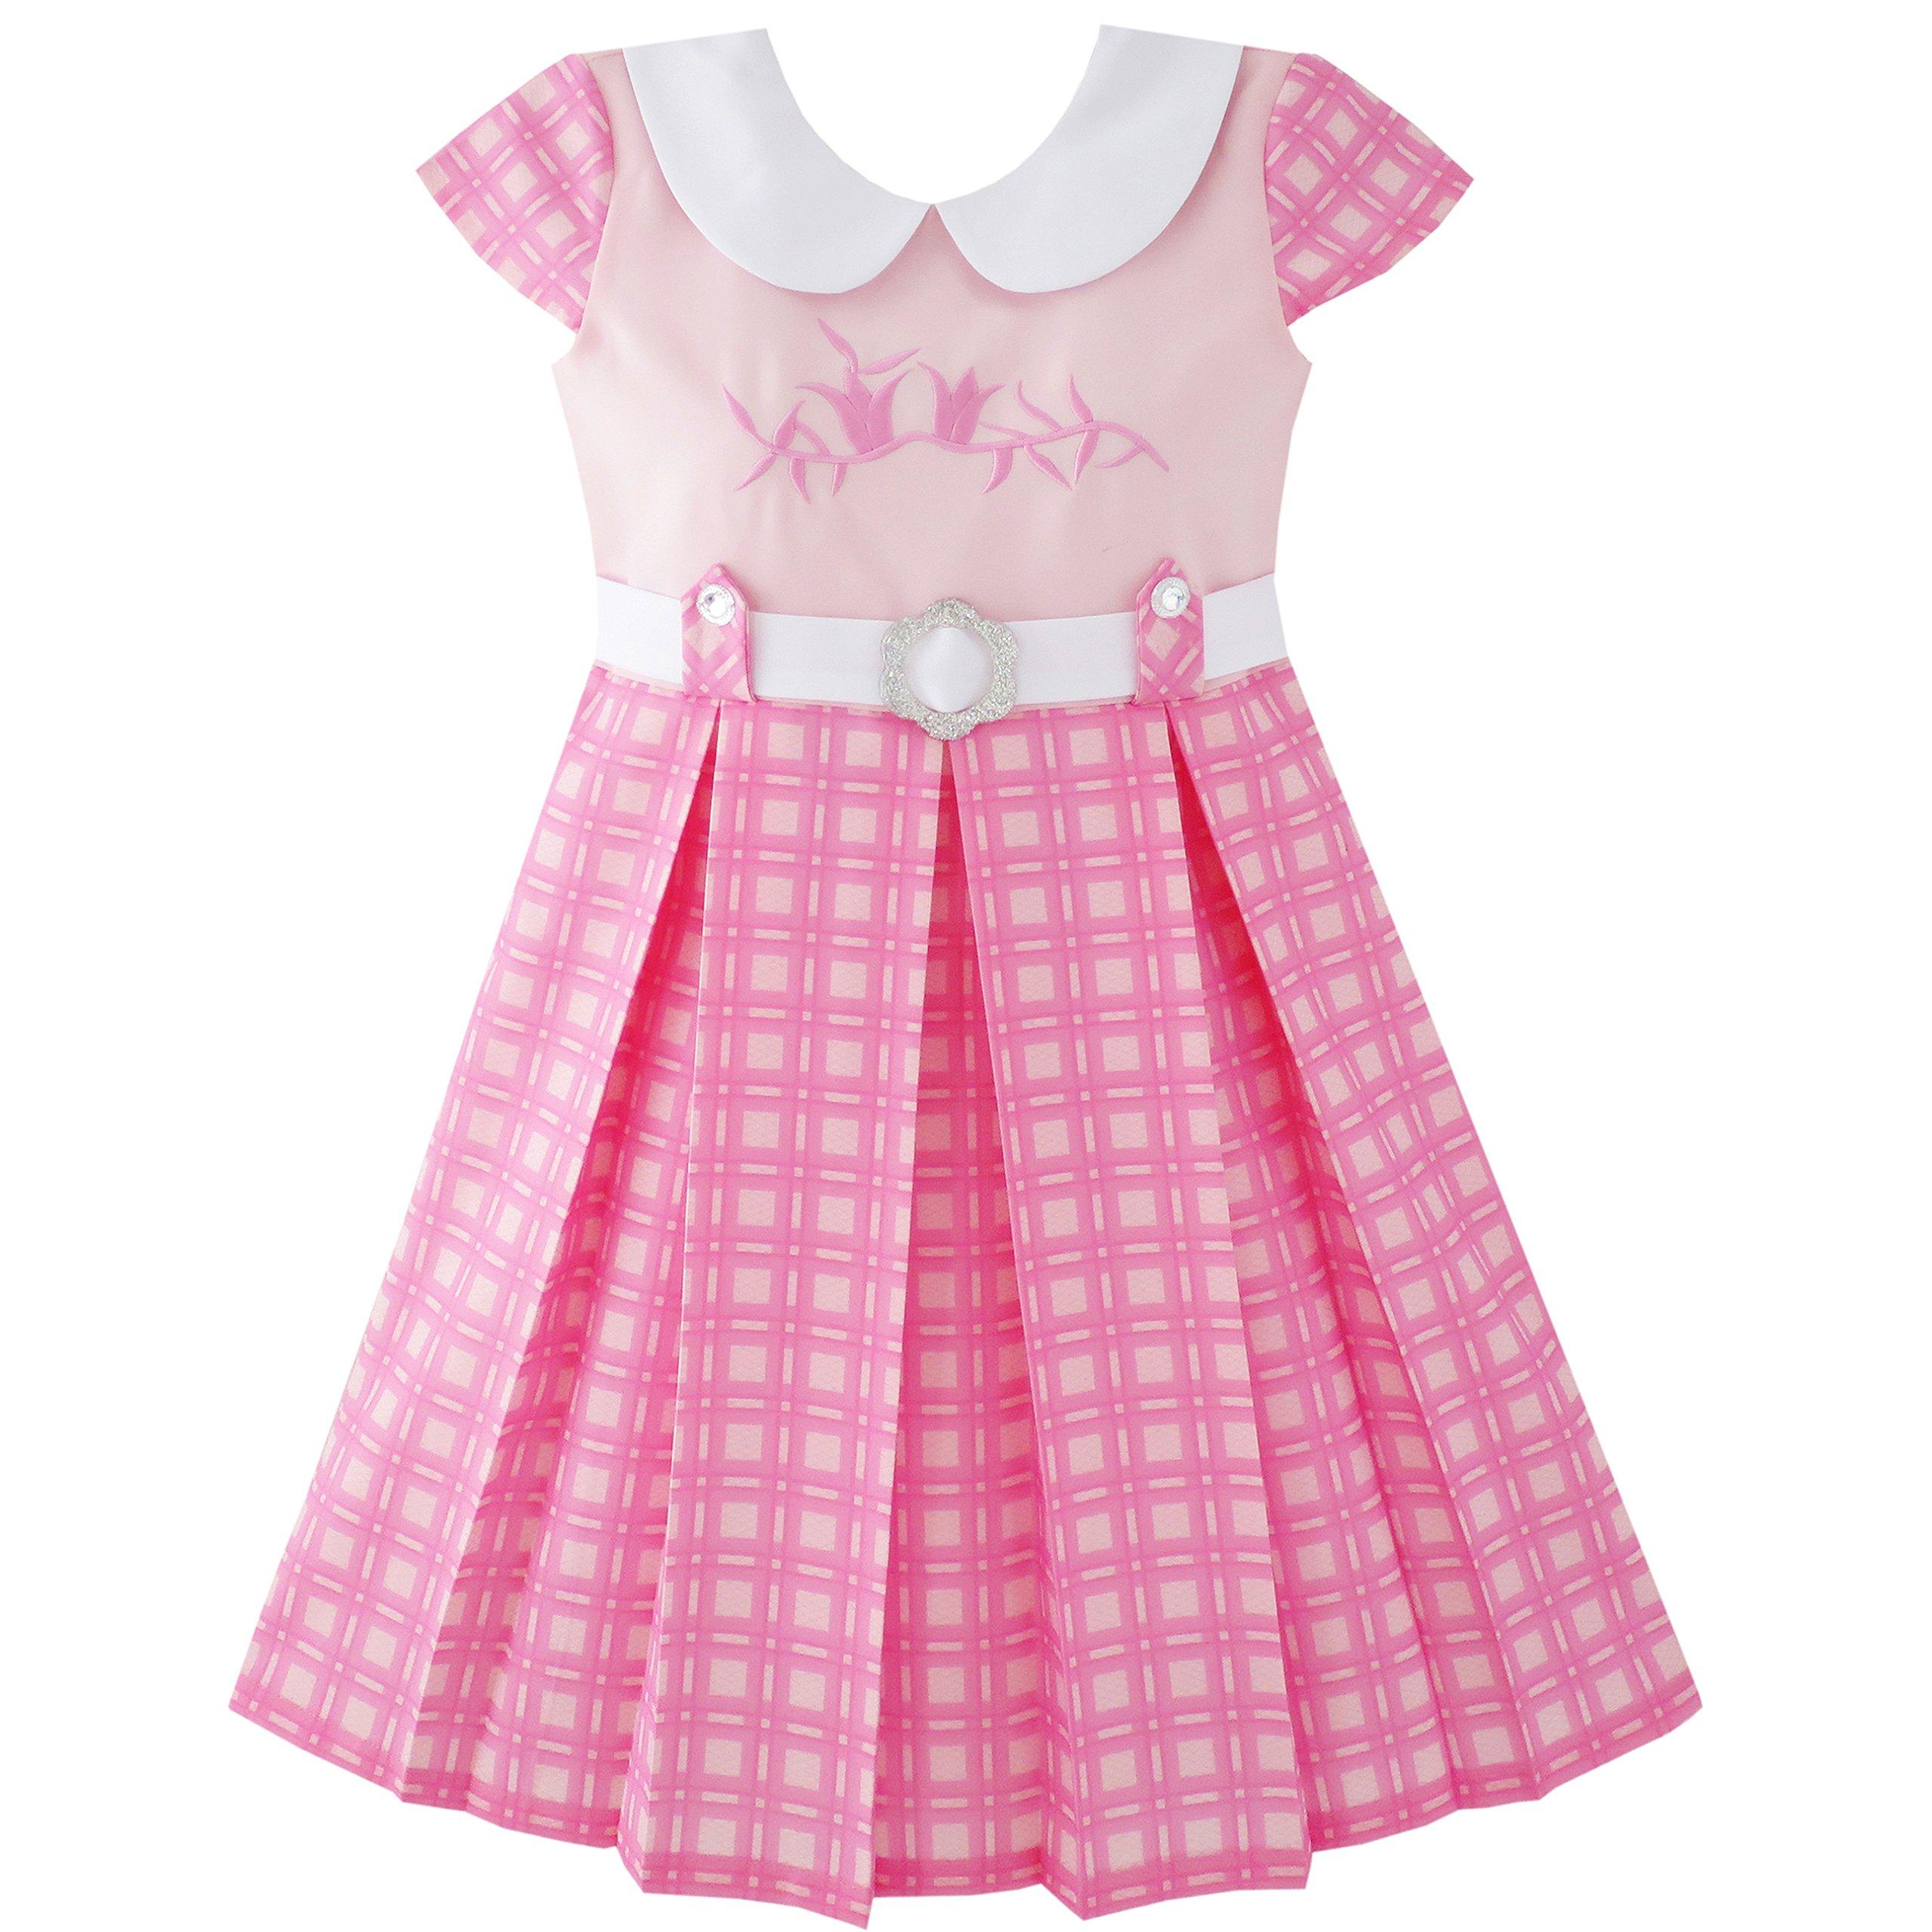 JY35 Girls Dress Pink Belted School Pleated Hem Size 8